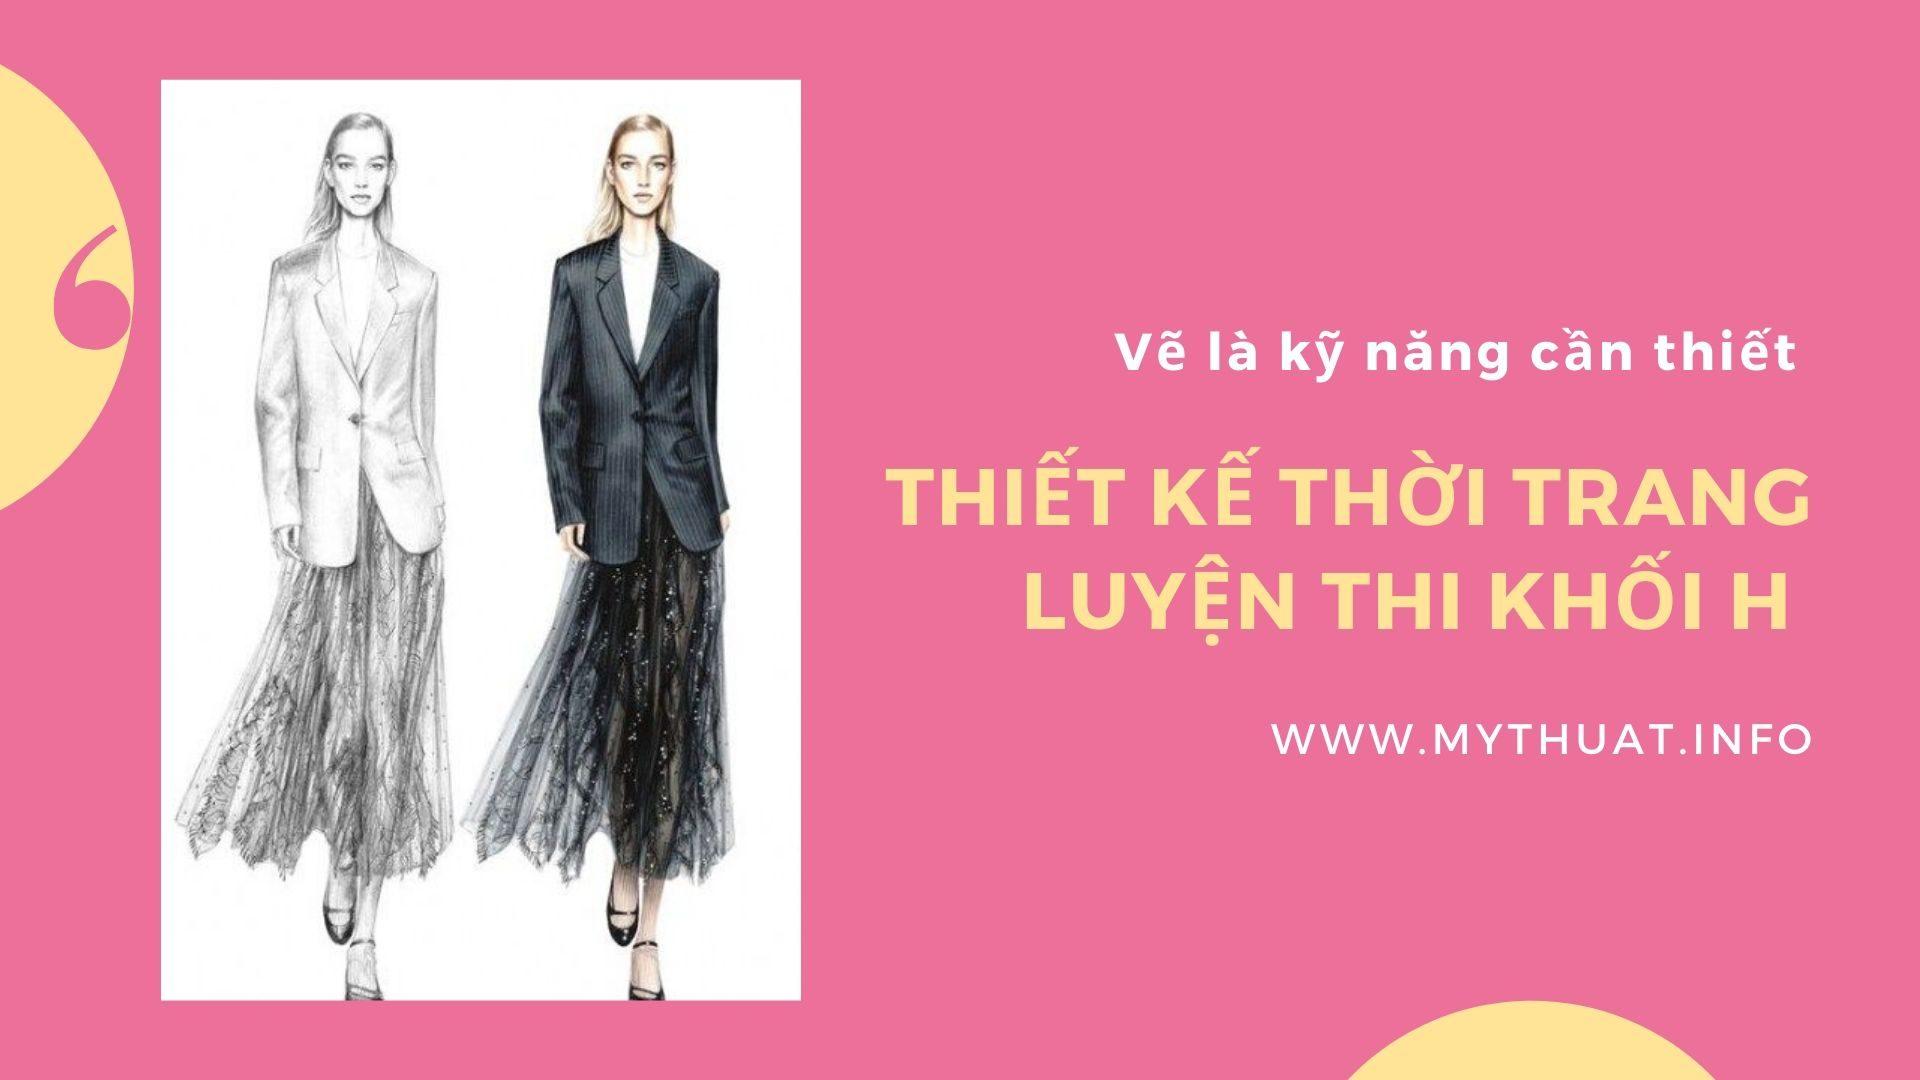 Ngành thiết kế thời trang (Nguồn Internet)